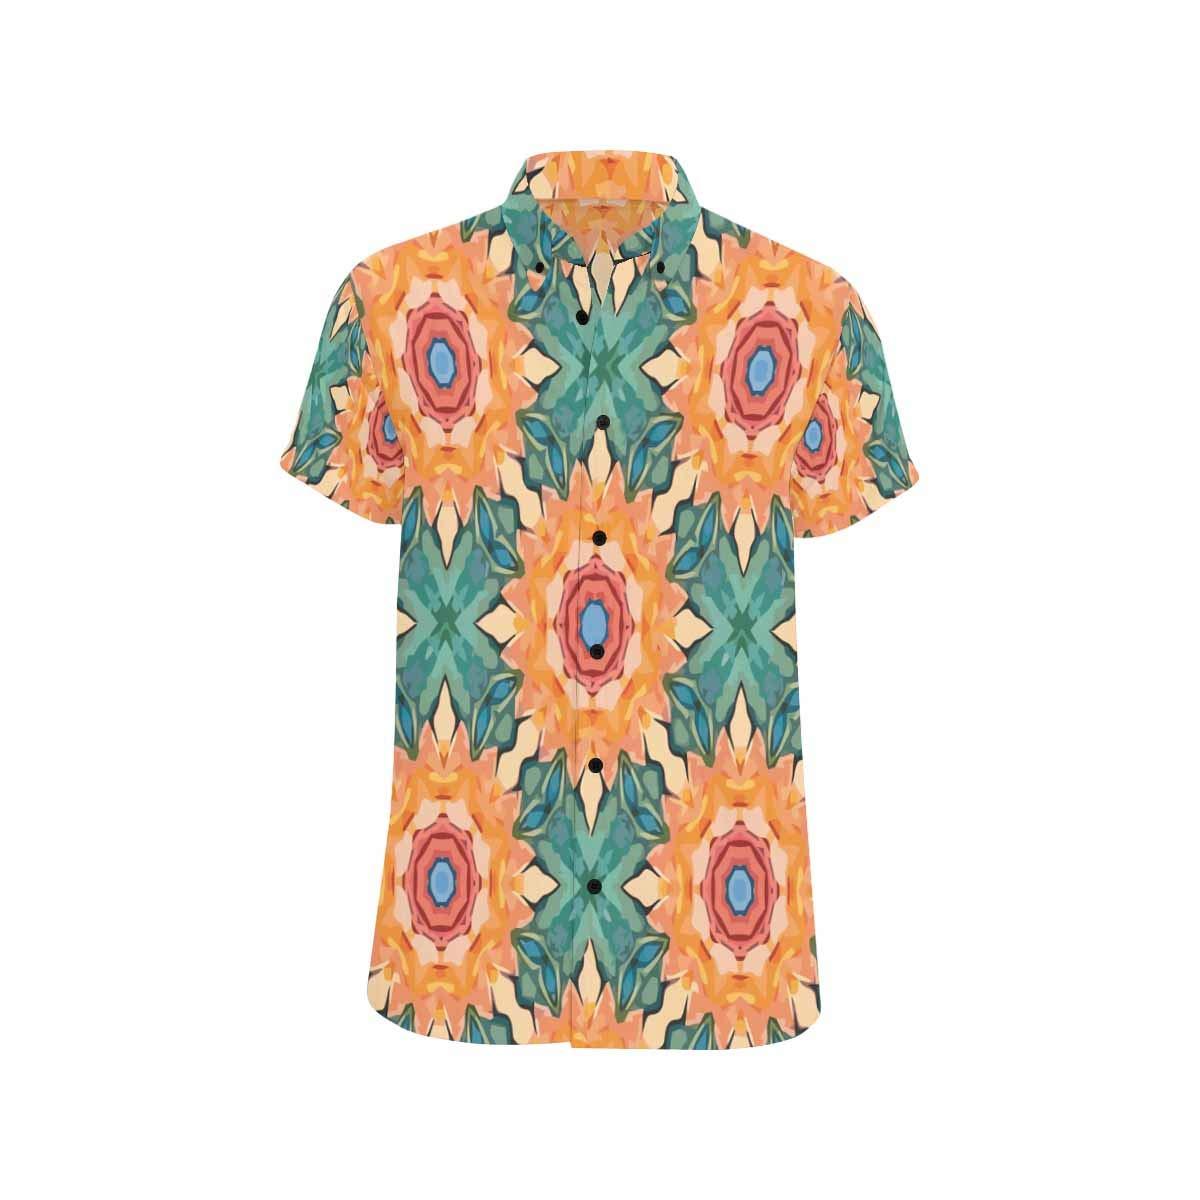 InterestPrint Men Shirt Beach Flip Flops Andsea Stars Shirts Beach Short Sleeve Summer Button Down Tops Tees Blouses S-5XL